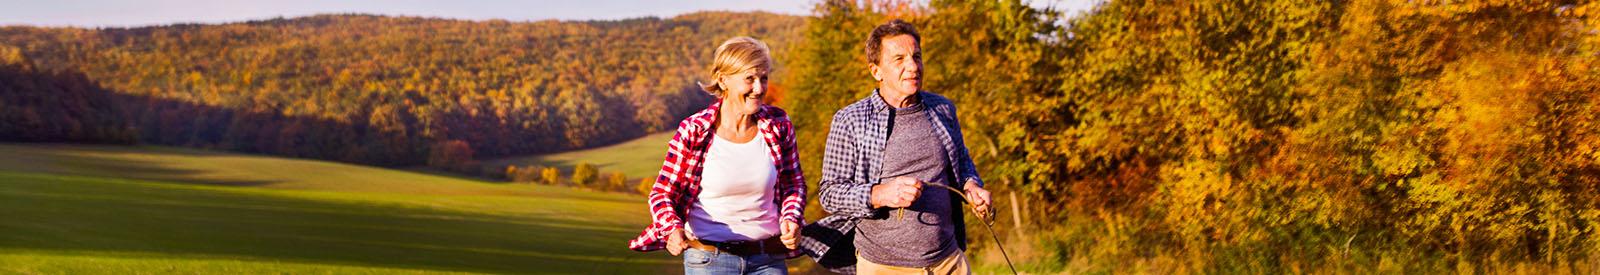 Couple running in autumn field